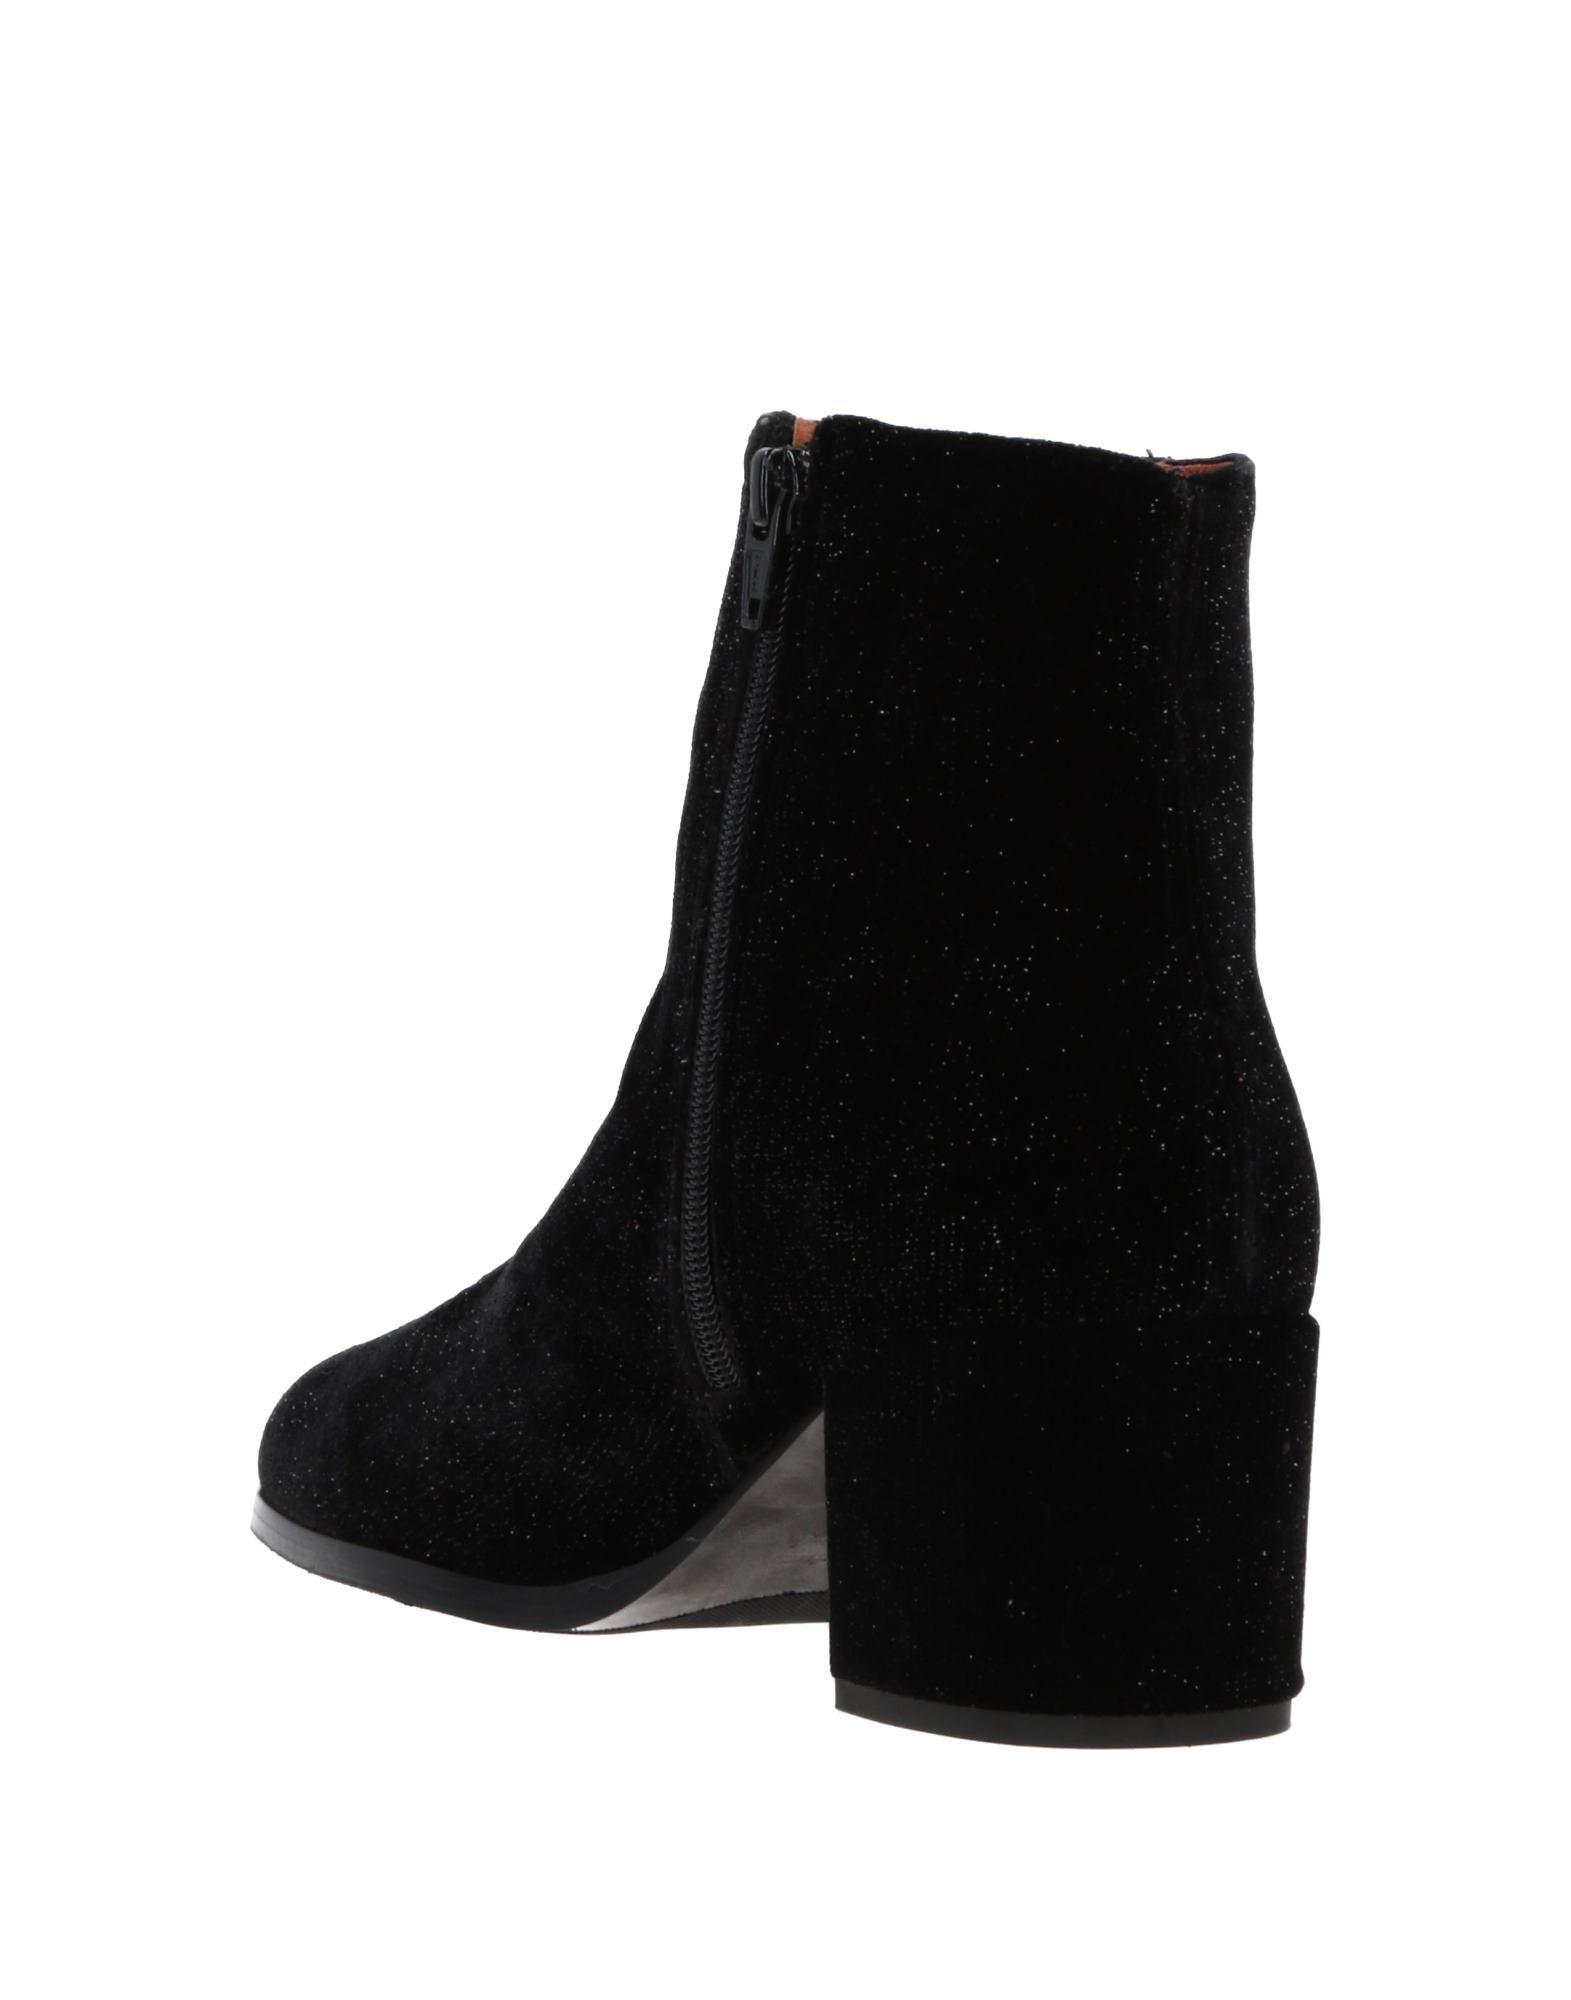 Bagatt Bagatt Bagatt Stiefelette Damen  11511723QM Gute Qualität beliebte Schuhe 47b2d8